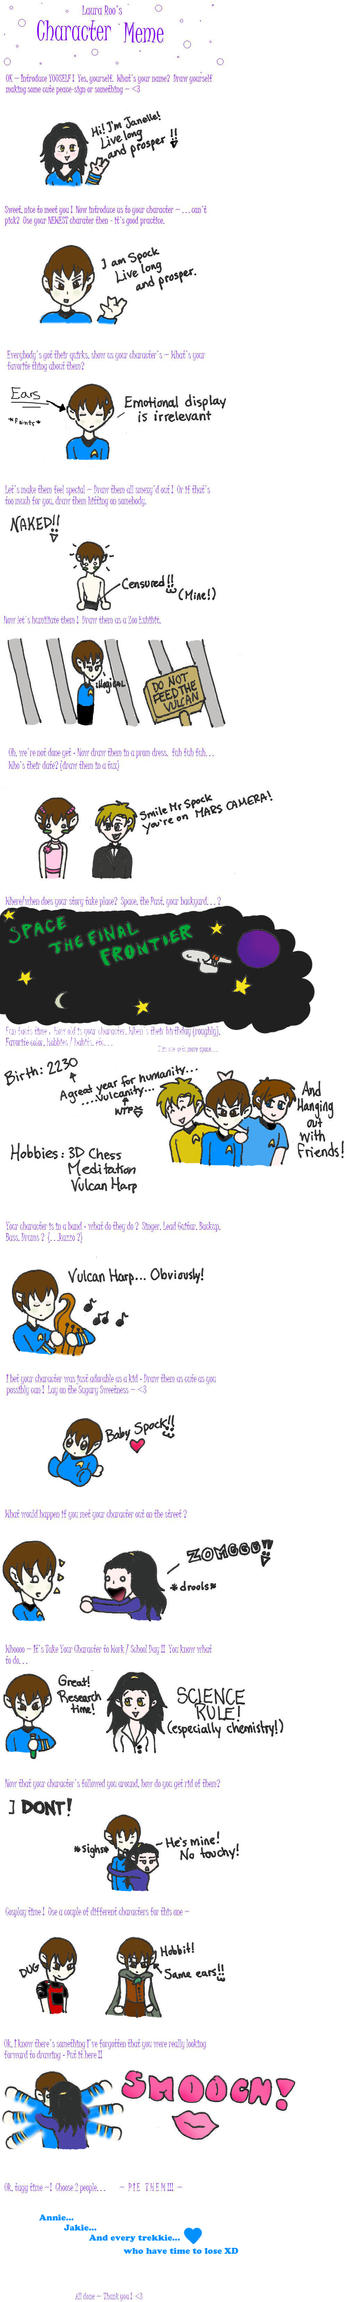 Character meme Spock by musingpadawan